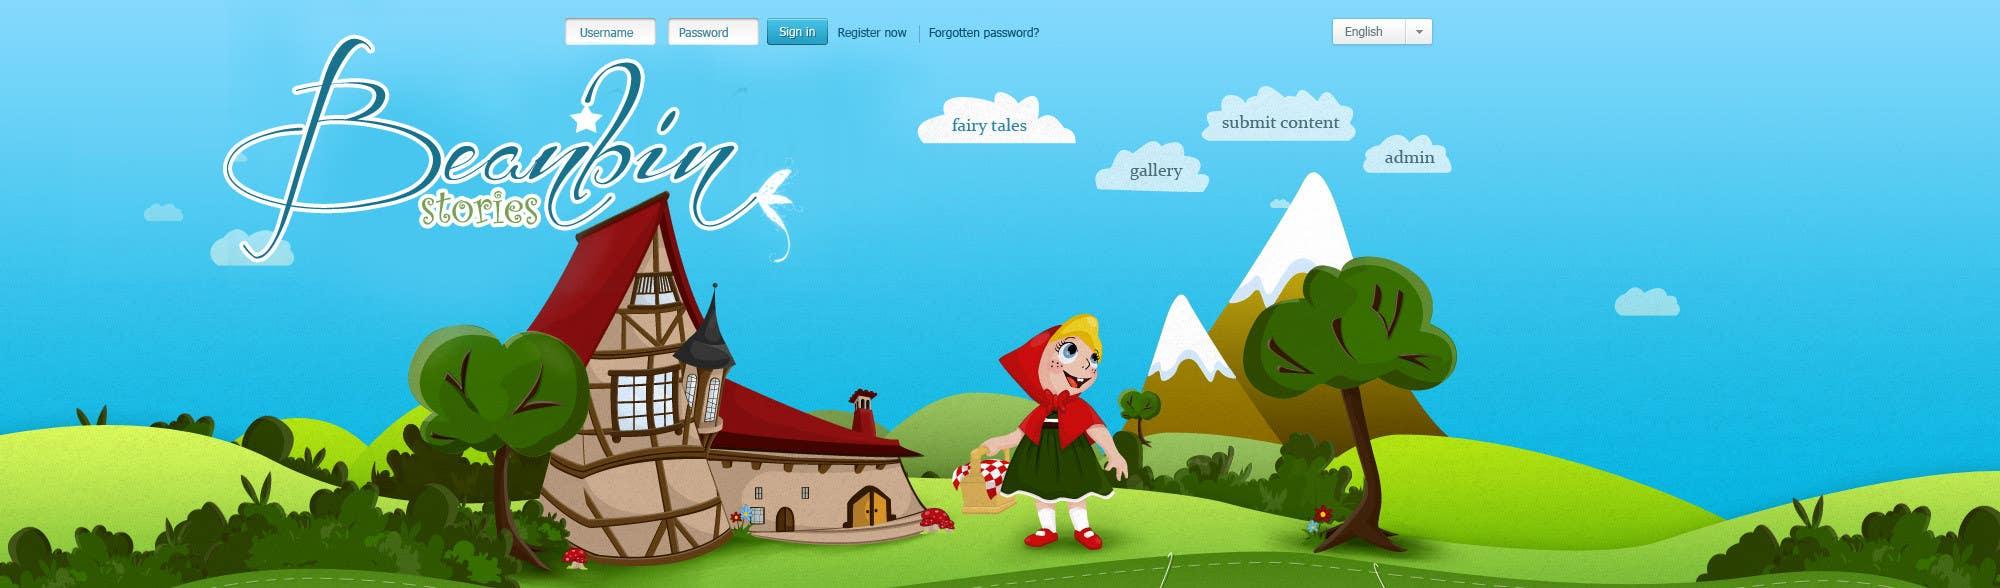 Конкурсная заявка №36 для Fairy tales Graphic Design for beanbin